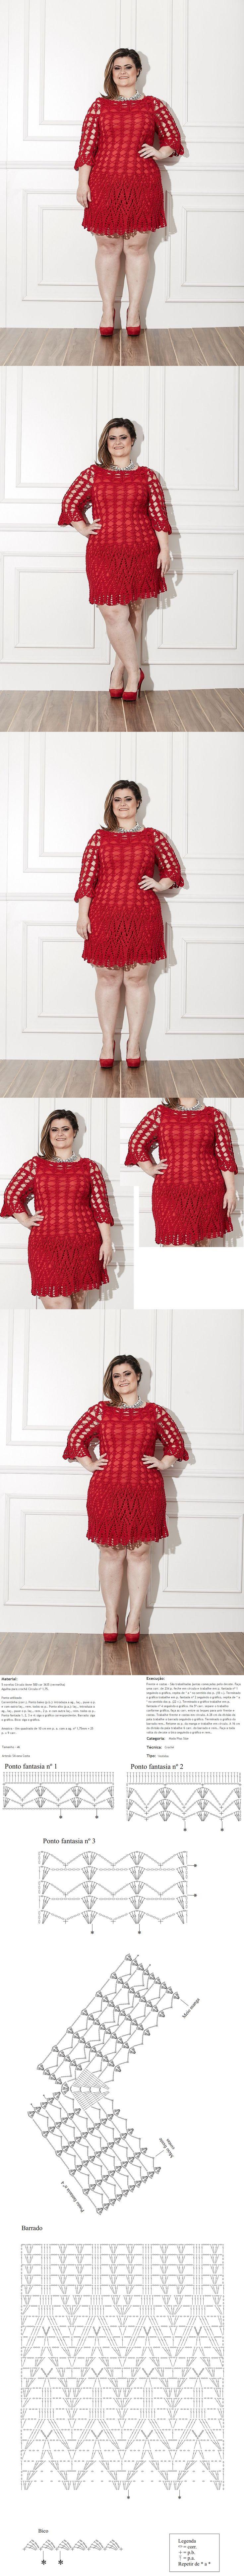 Receitas Círculo - Plus Size - Vestido Vermelho